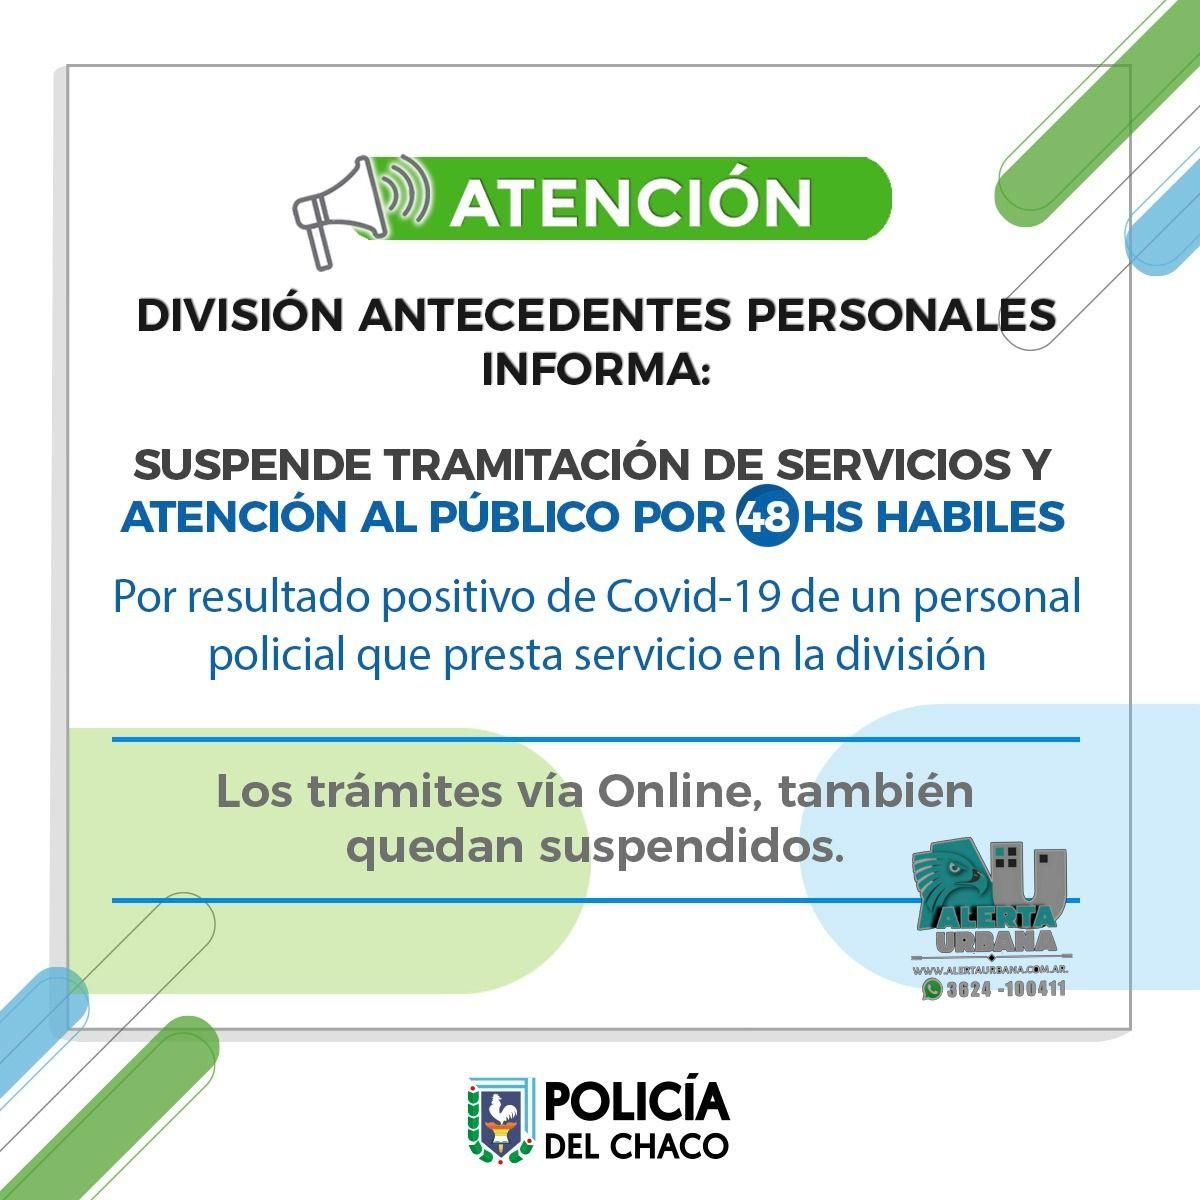 División Antecedentes Personales: Suspenden por 48 hs, la atención presencial y online para todo trámite